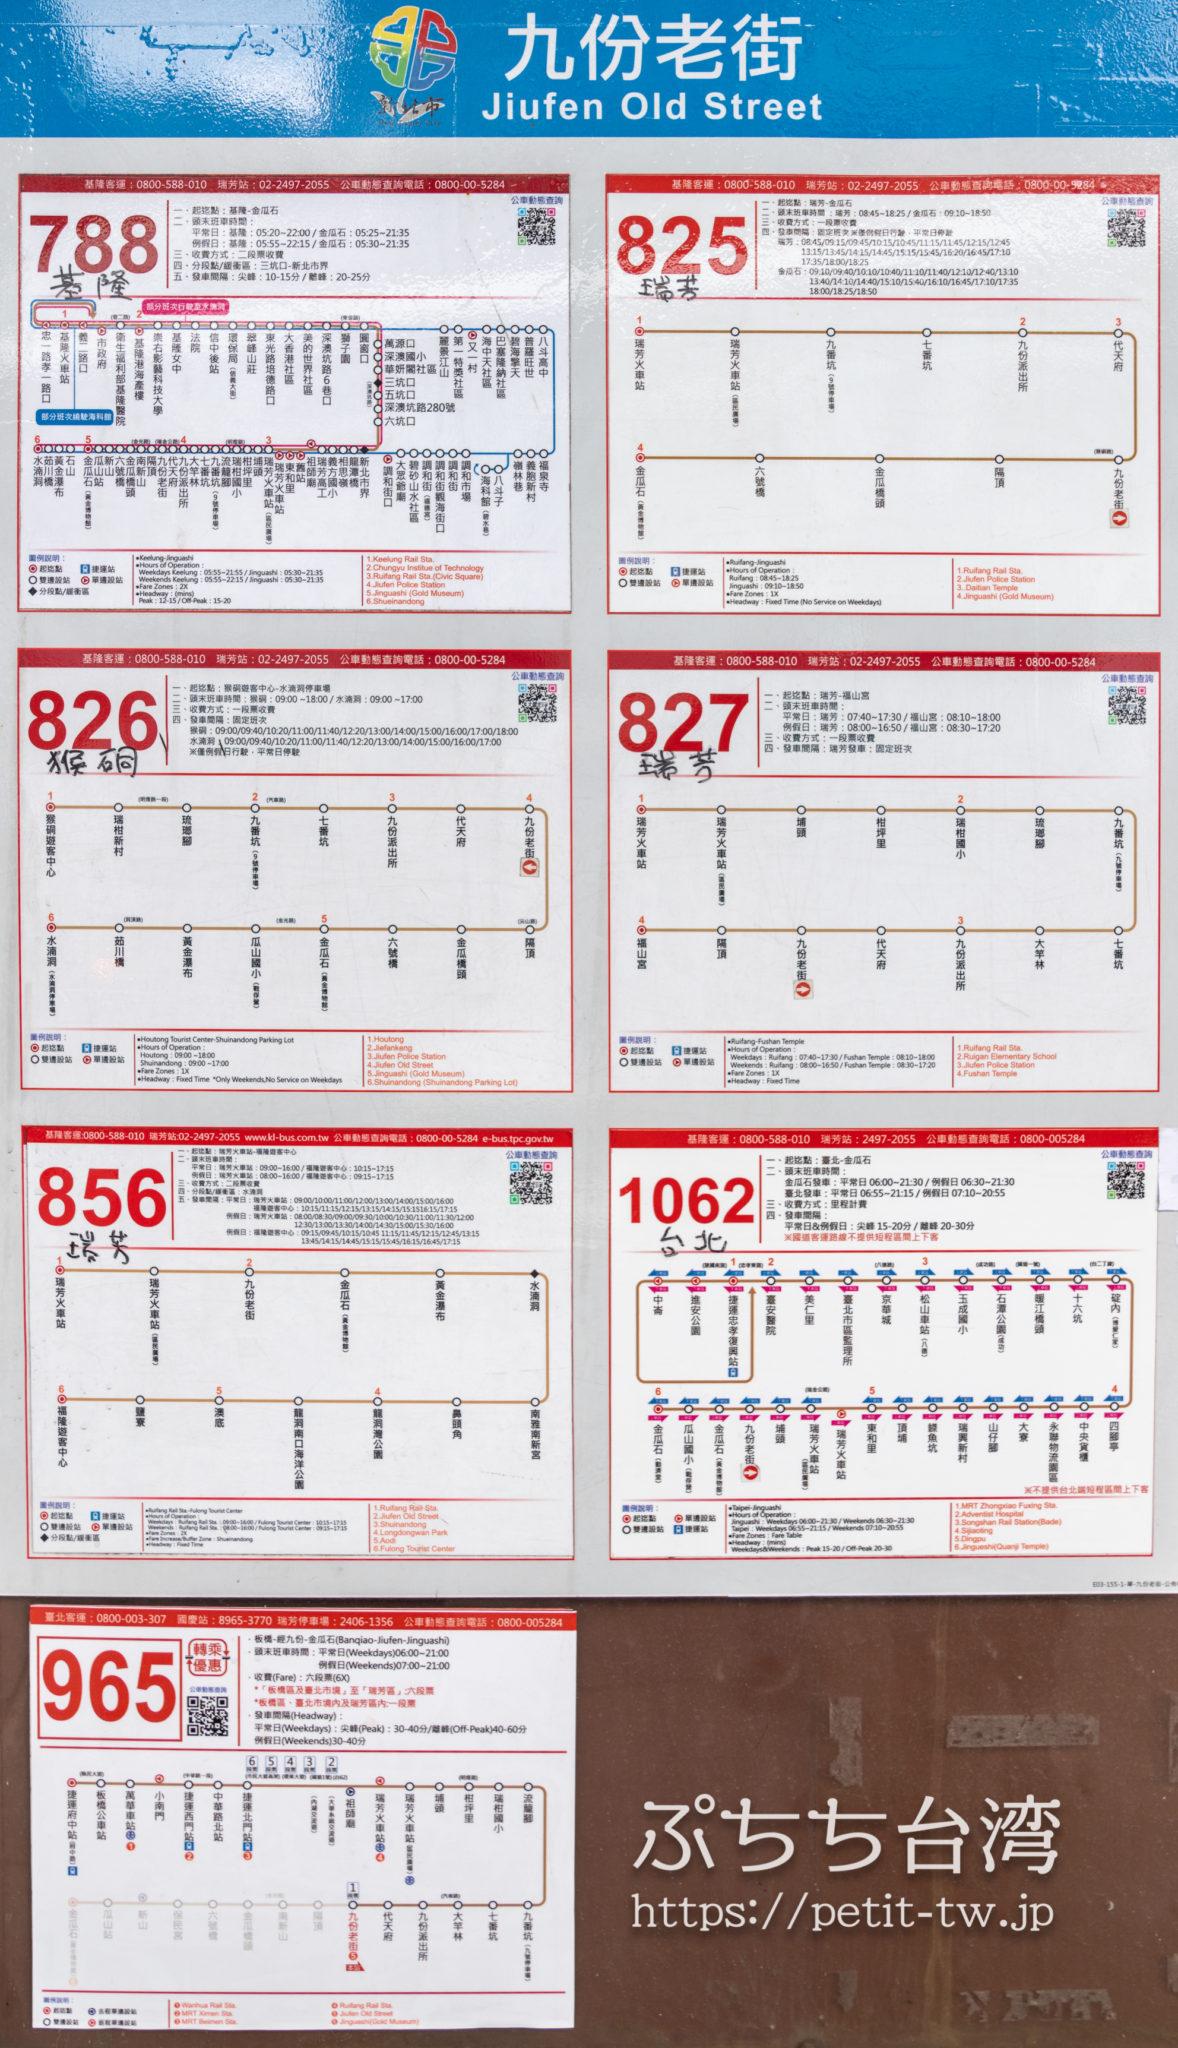 九份老街のバス路線図・バス時刻表一覧